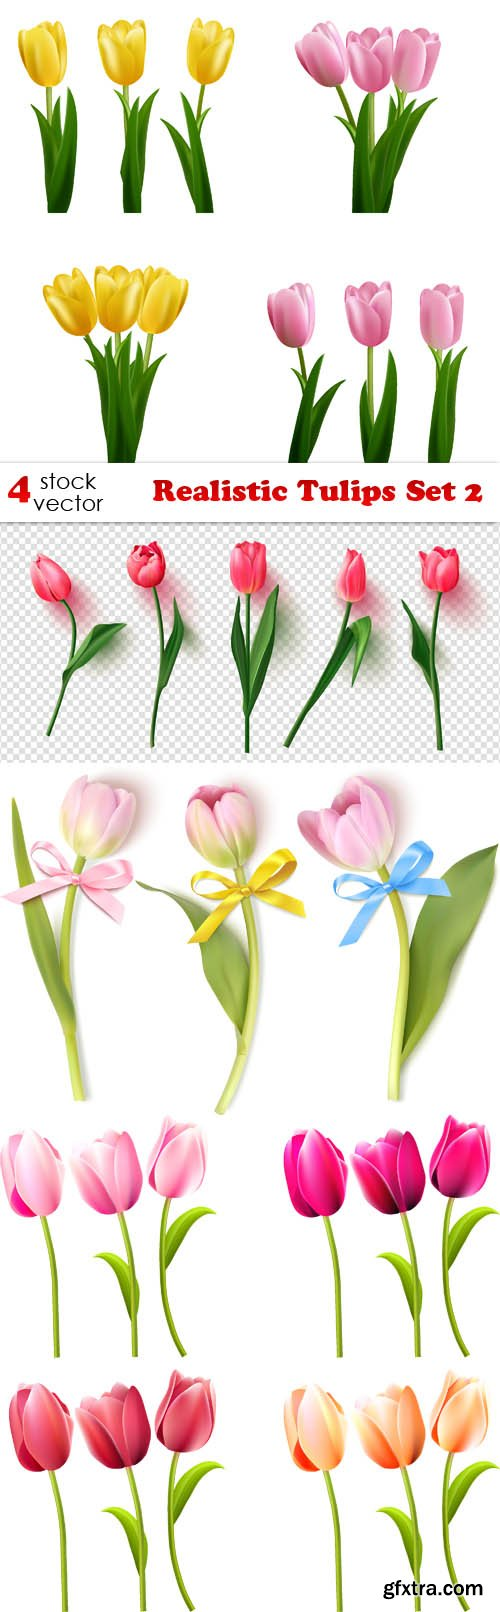 Vectors - Realistic Tulips Set 2